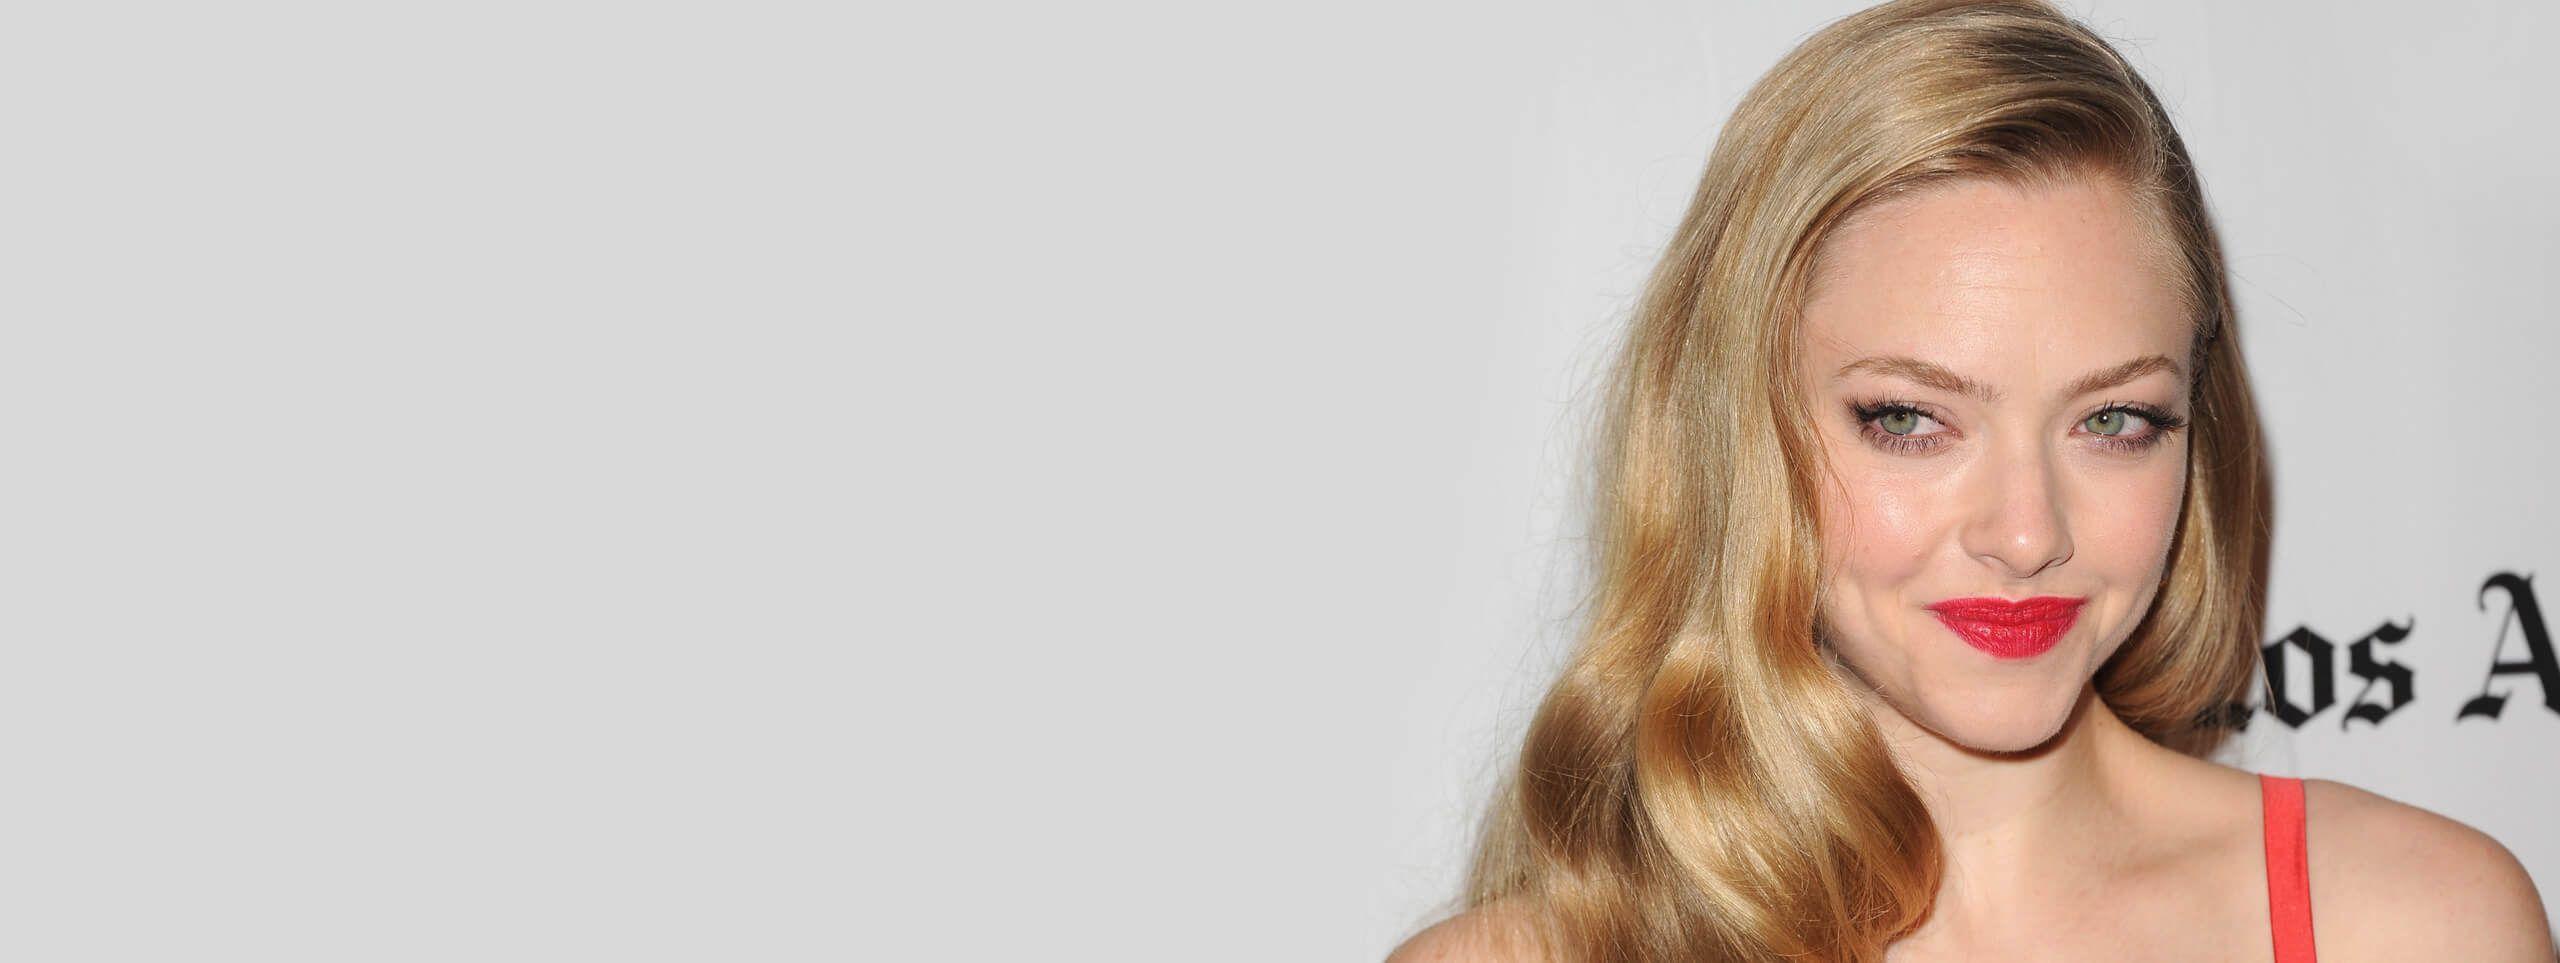 Amanda Seyfried z długimi rozpuszczonymi blond włosami